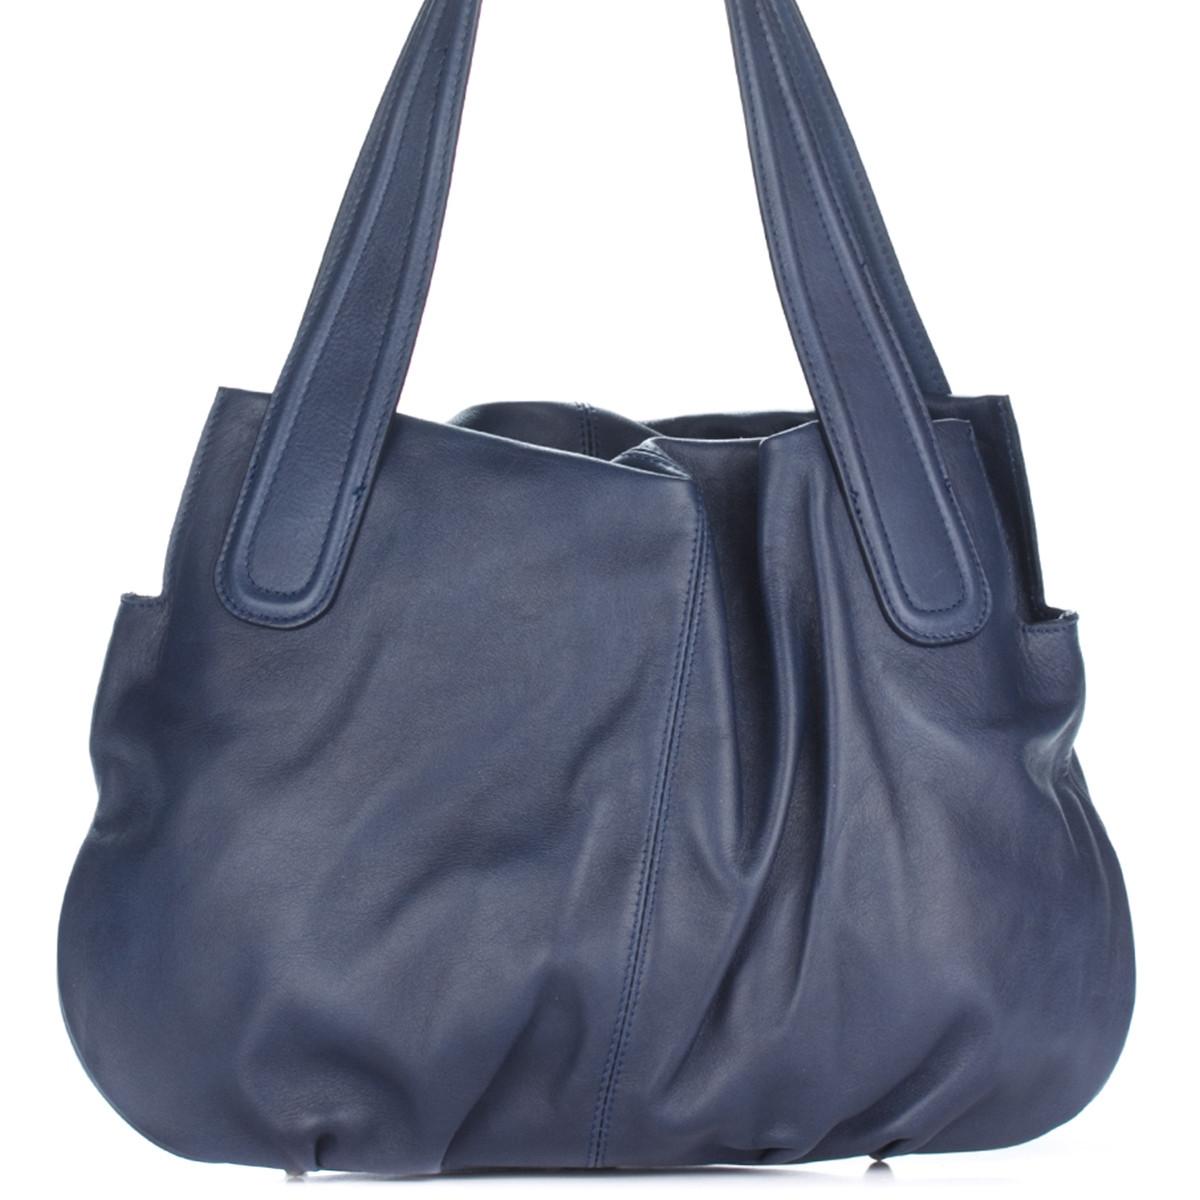 Женская кожаная сумка 8216 синего цвета Италия